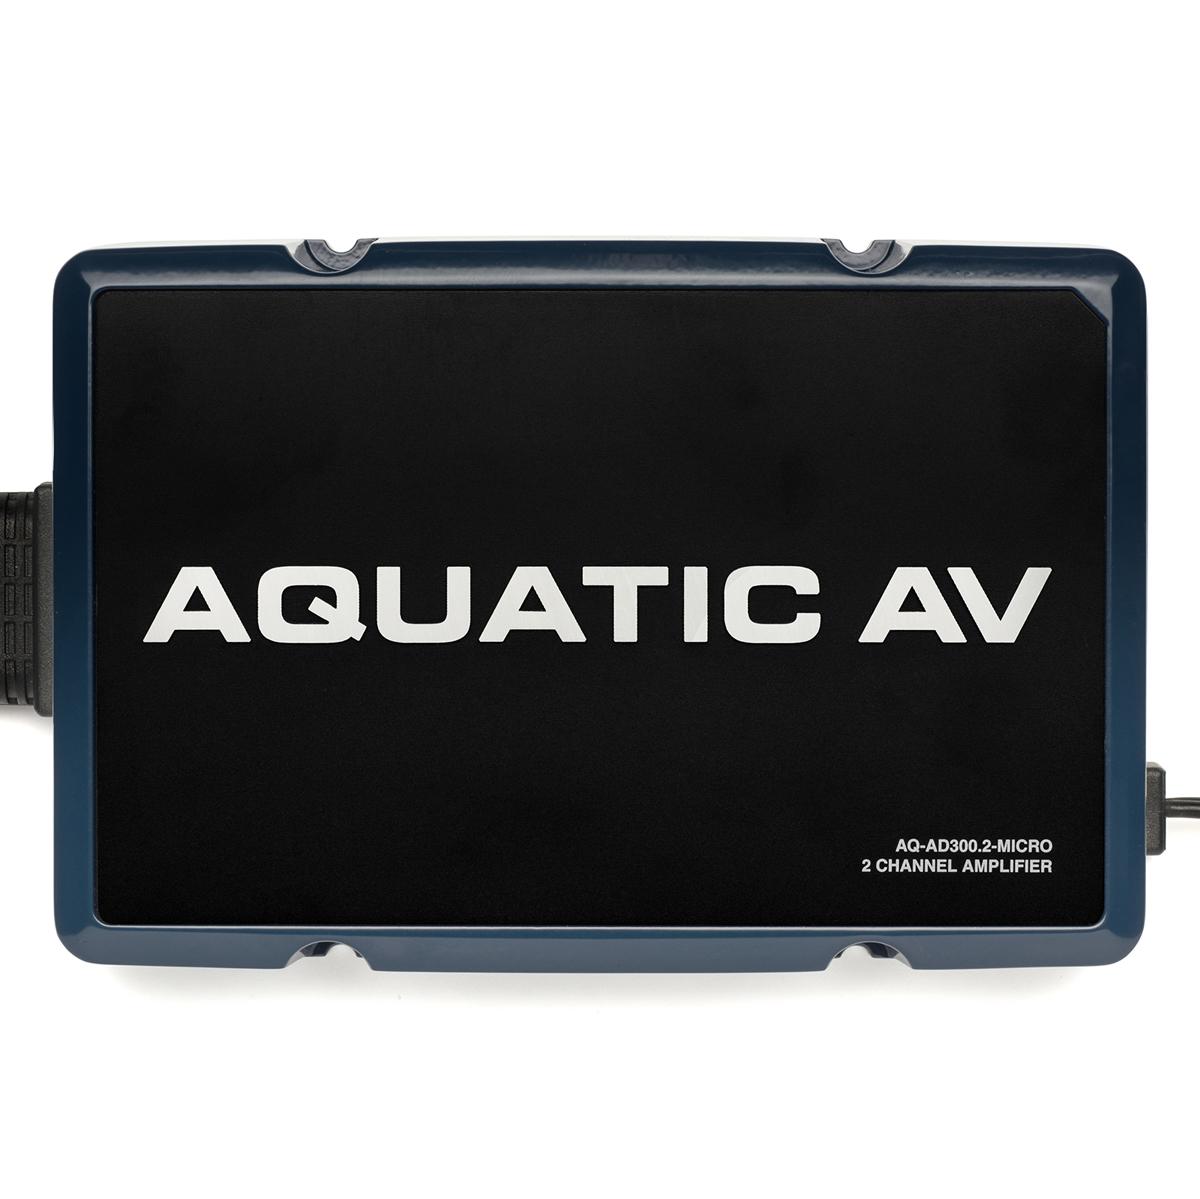 【アクアティック】94-1501 AQ-AD300.2-MICRO 2チャンネルアンプ 防水加工 ハーレー用